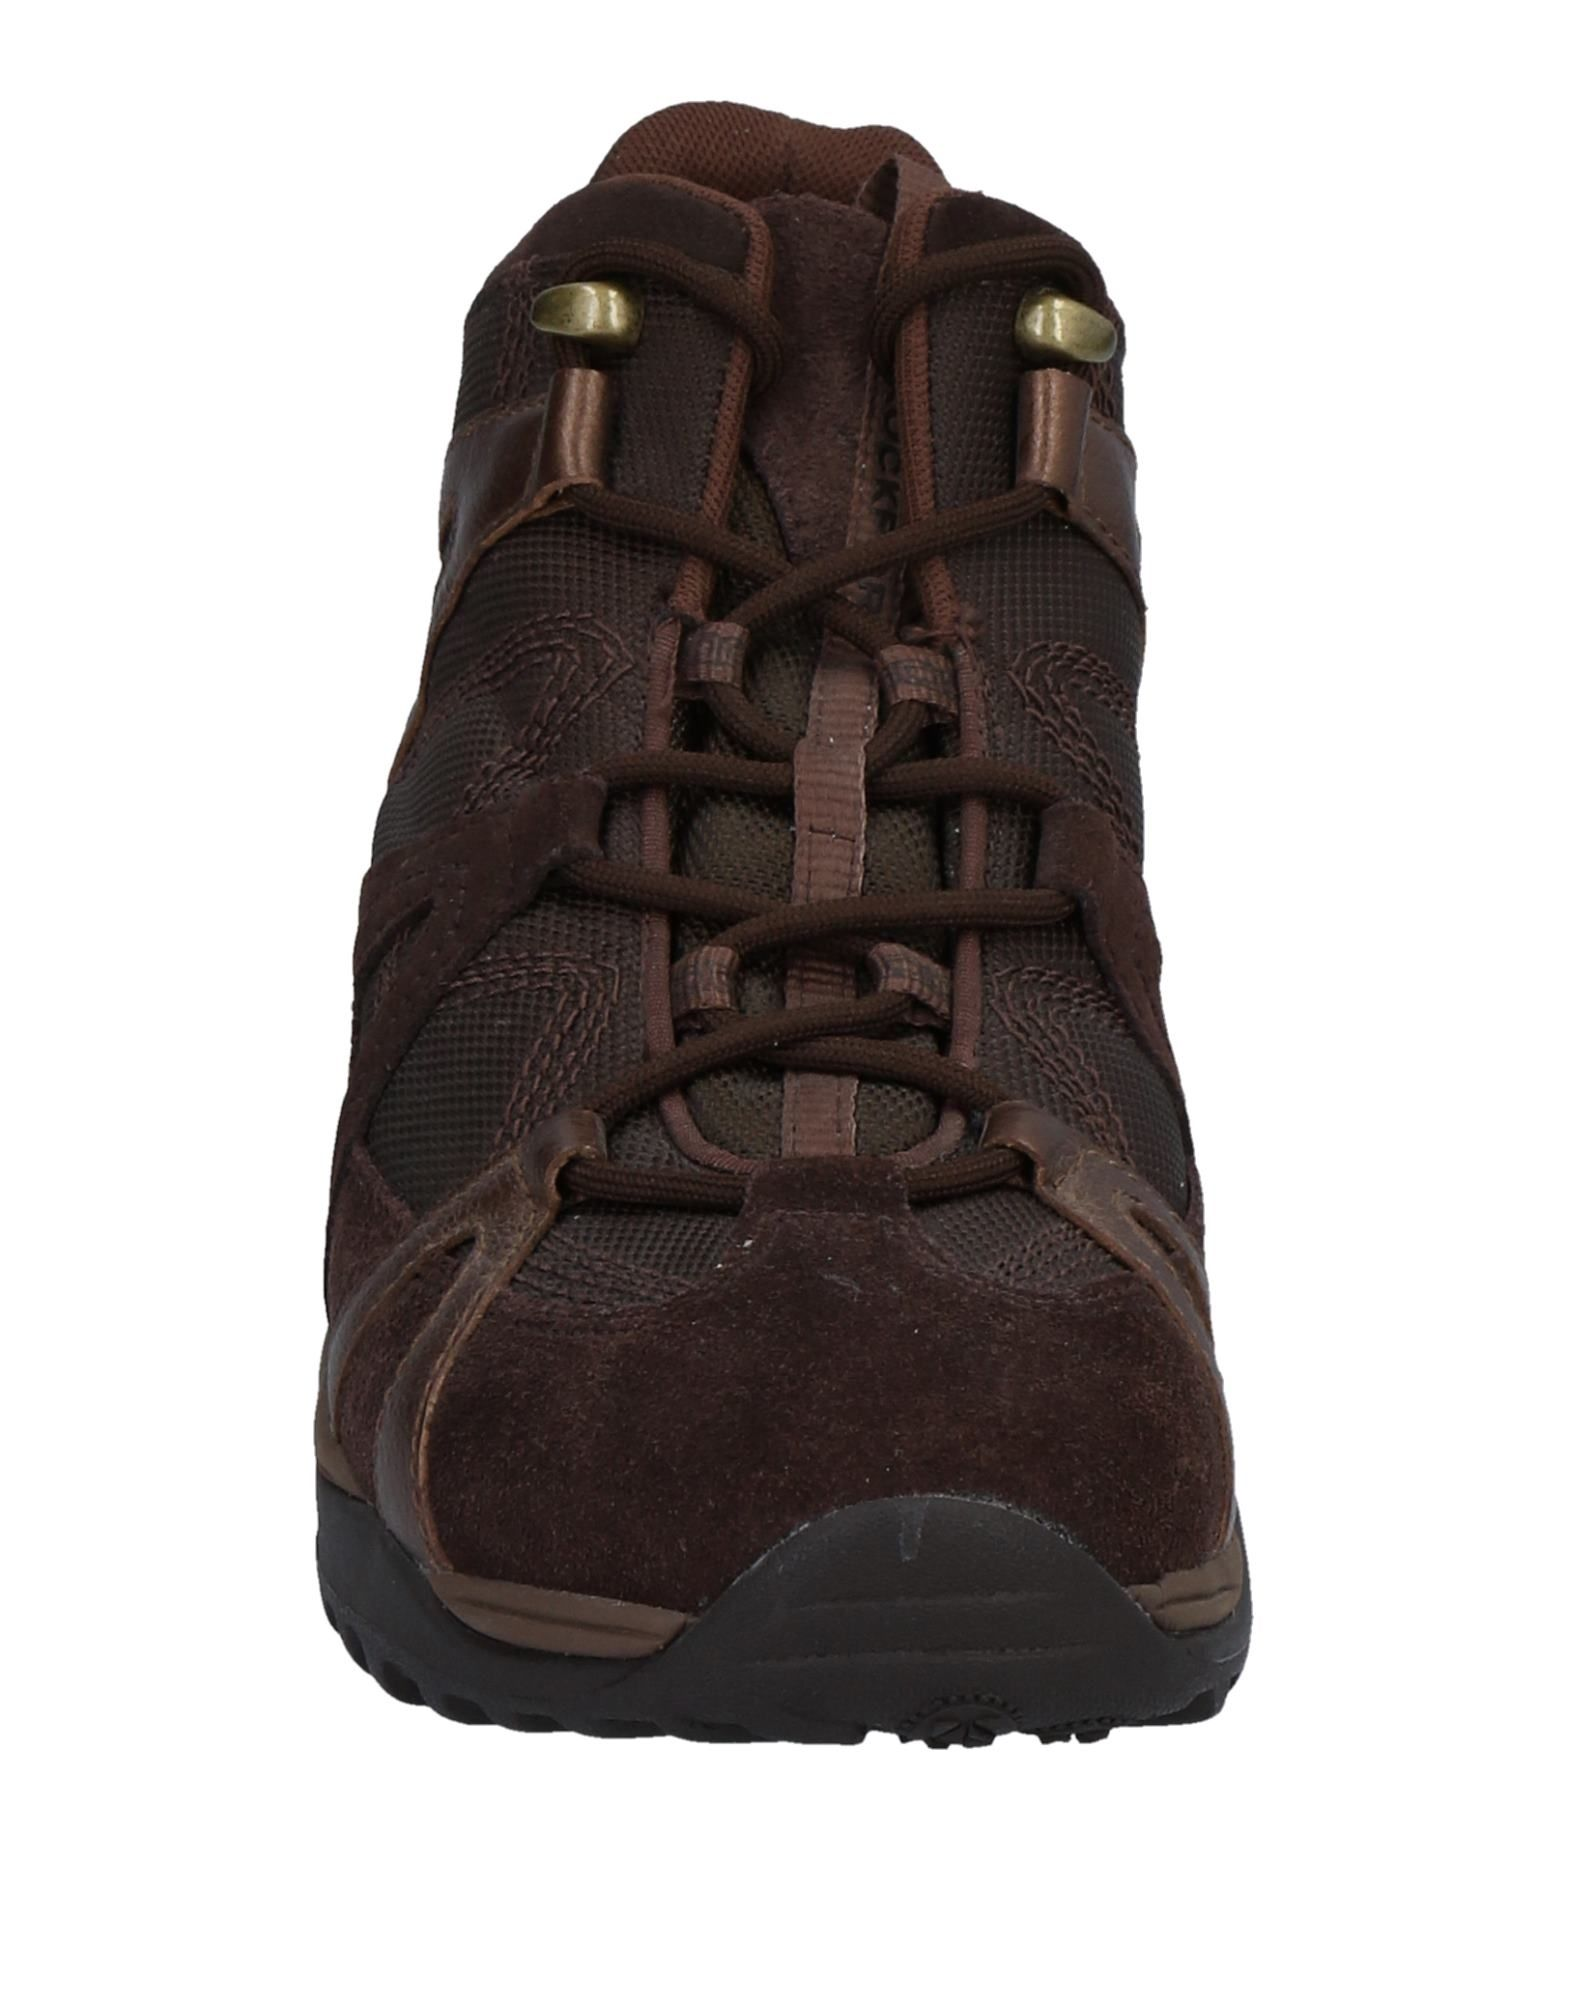 Rockport Sneakers Damen  11511624XL Schuhe Gute Qualität beliebte Schuhe 11511624XL c83981